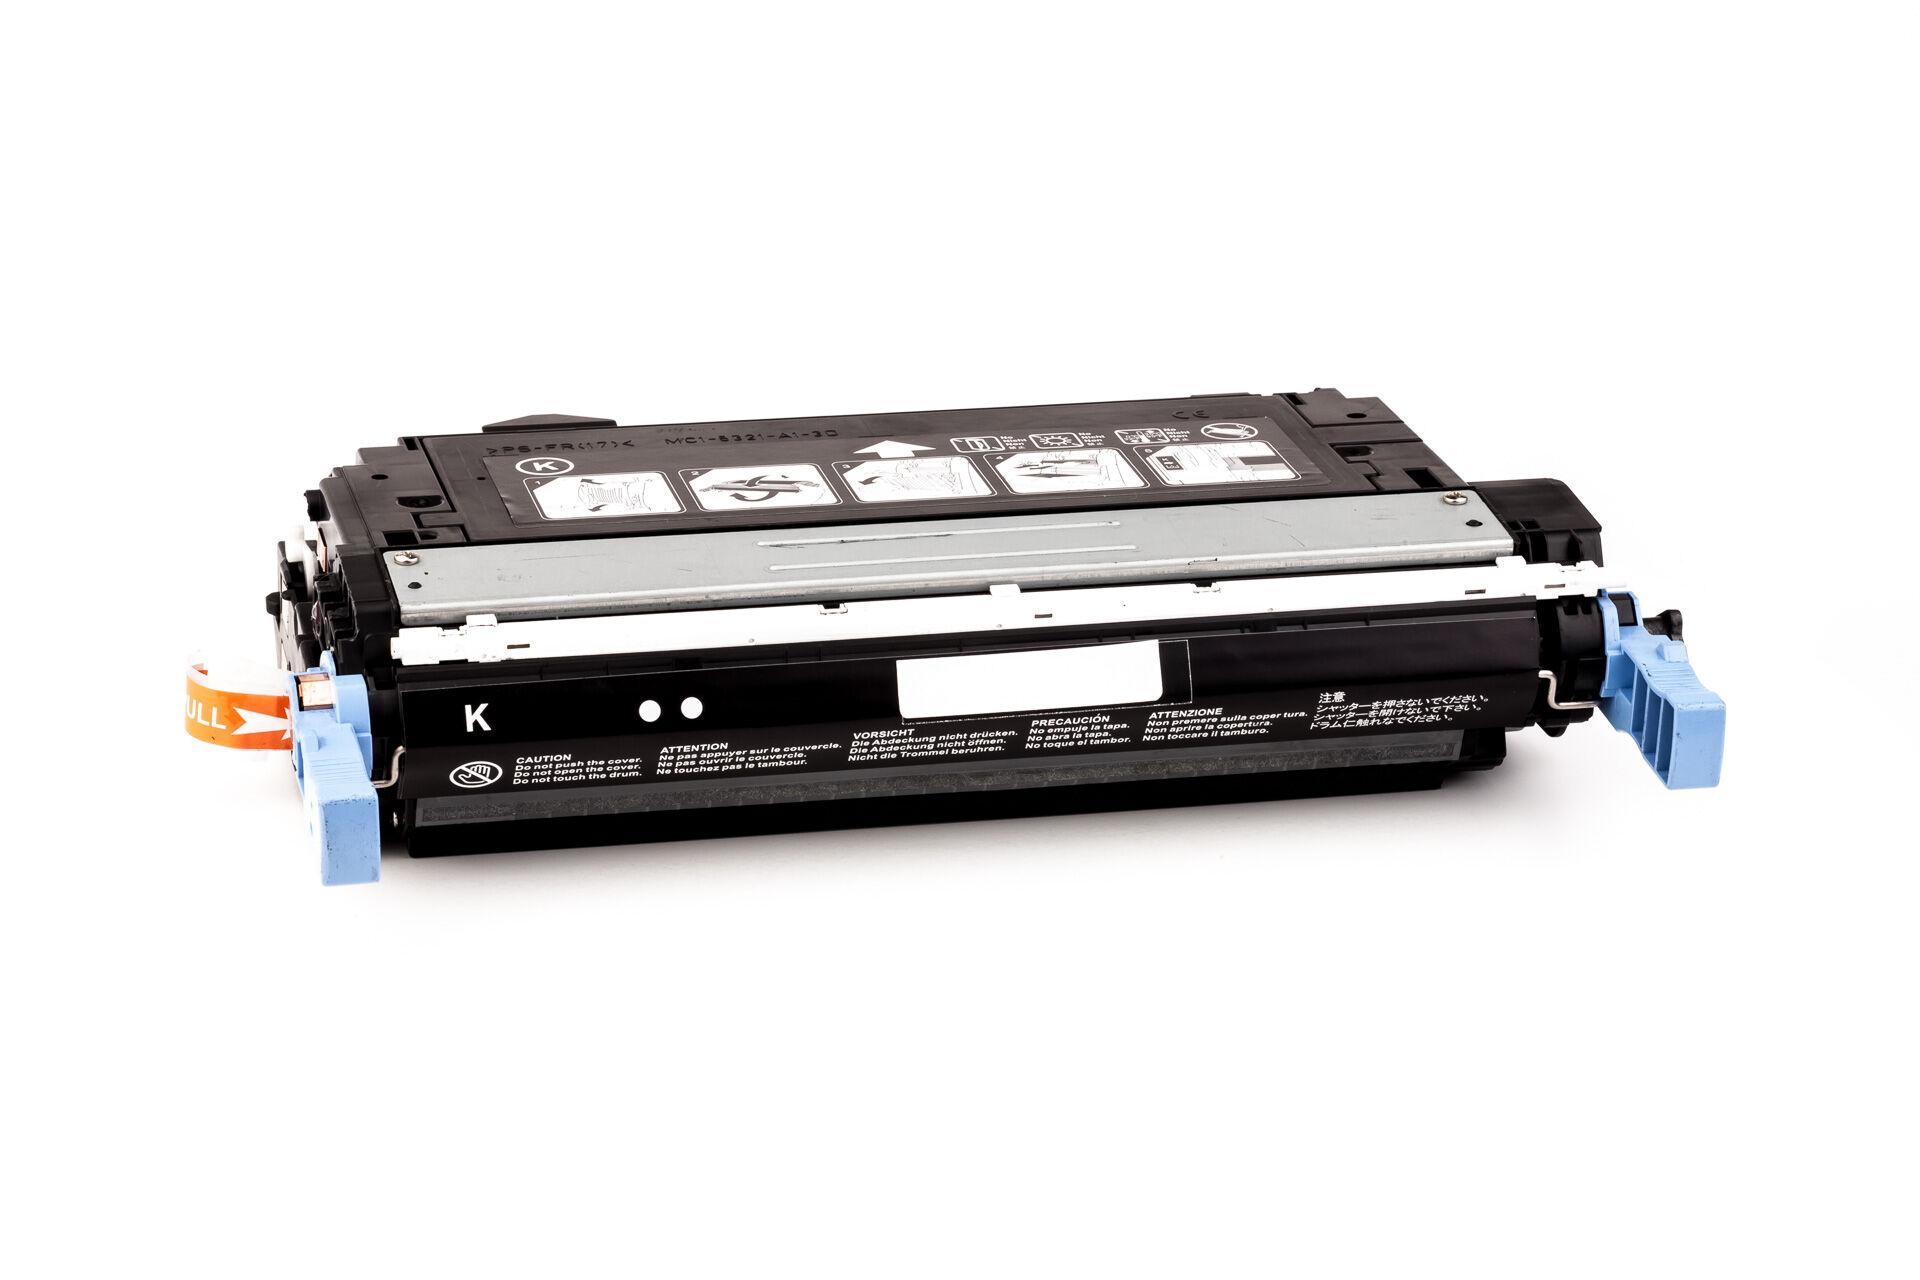 HP Cartouche de Toner pour HP Q5950A / 643A noir compatible (de marque ASC)